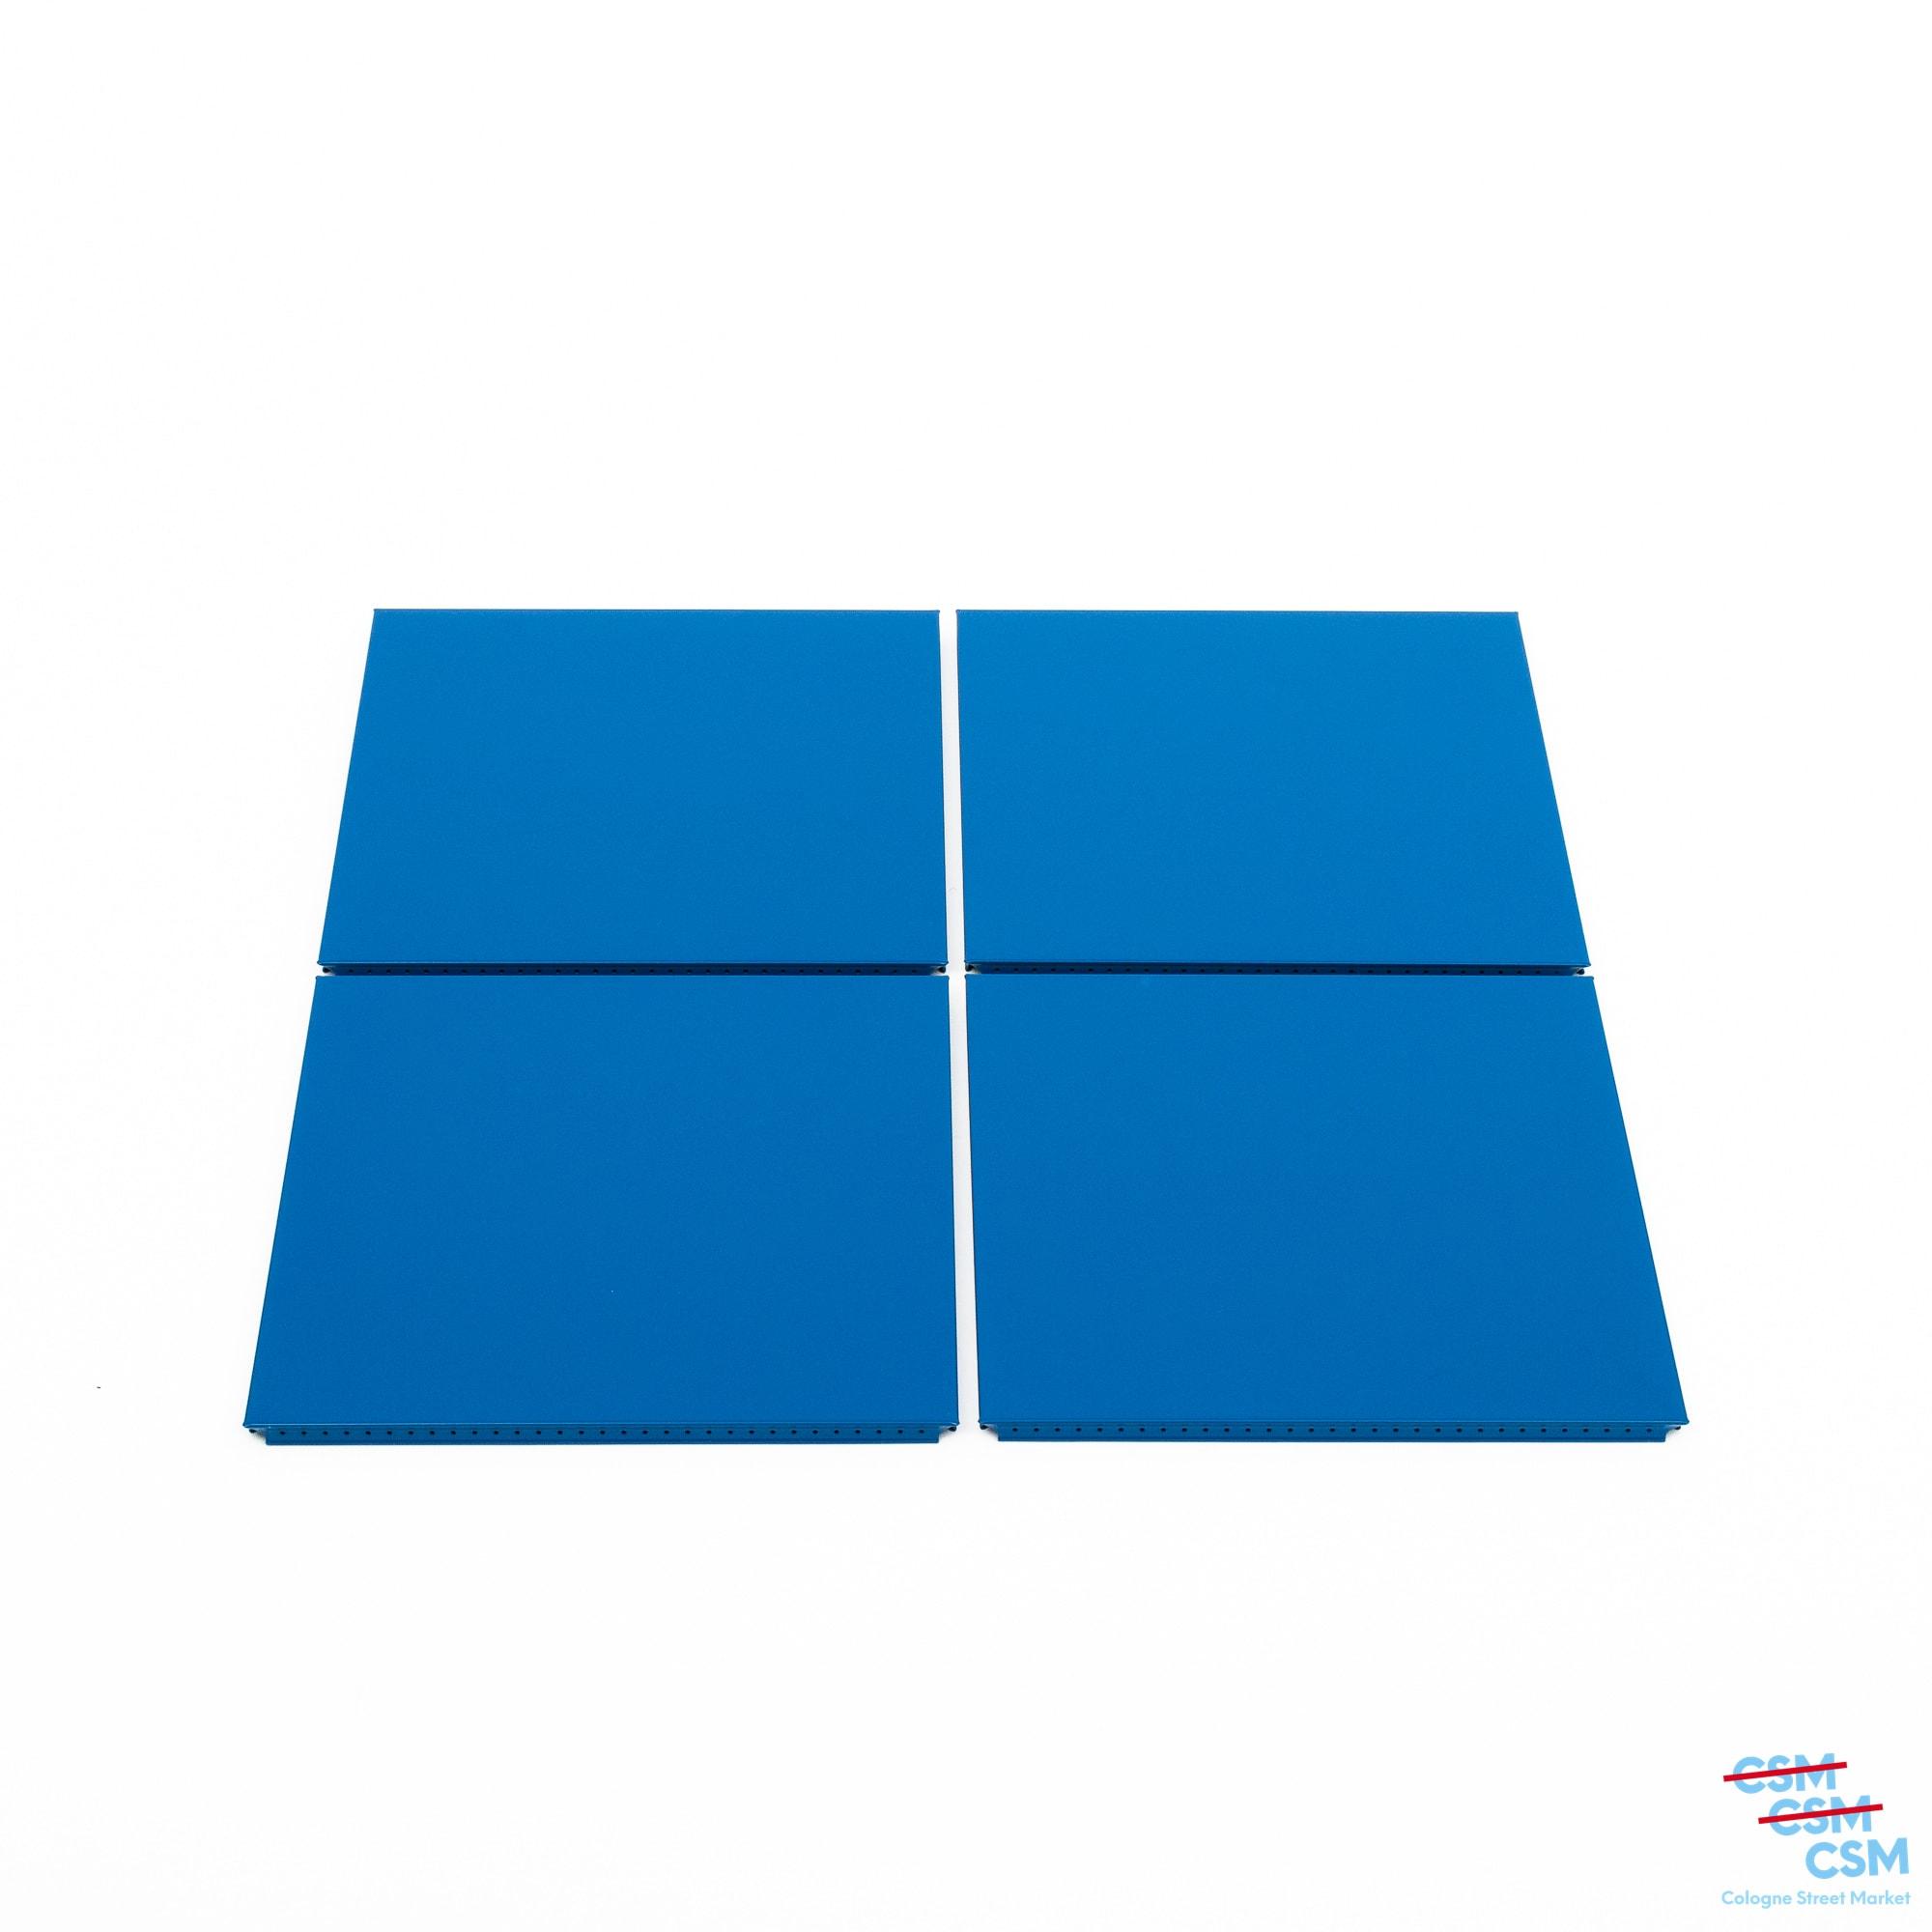 4er Paket USM Haller Tablar 35x35 Enzianblau gebraucht 1